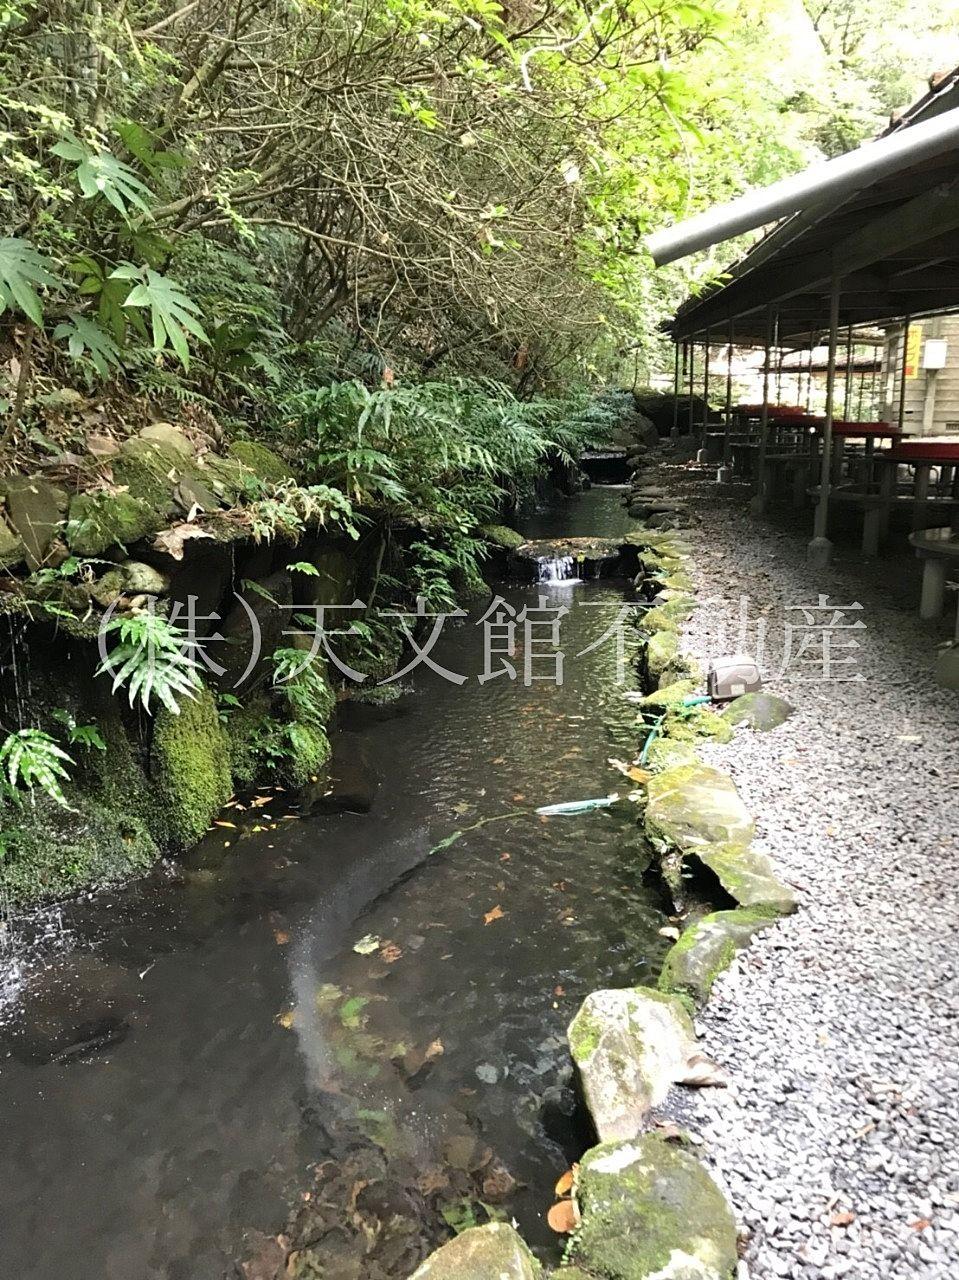 鹿児島市 慈眼寺そうめん流し 池